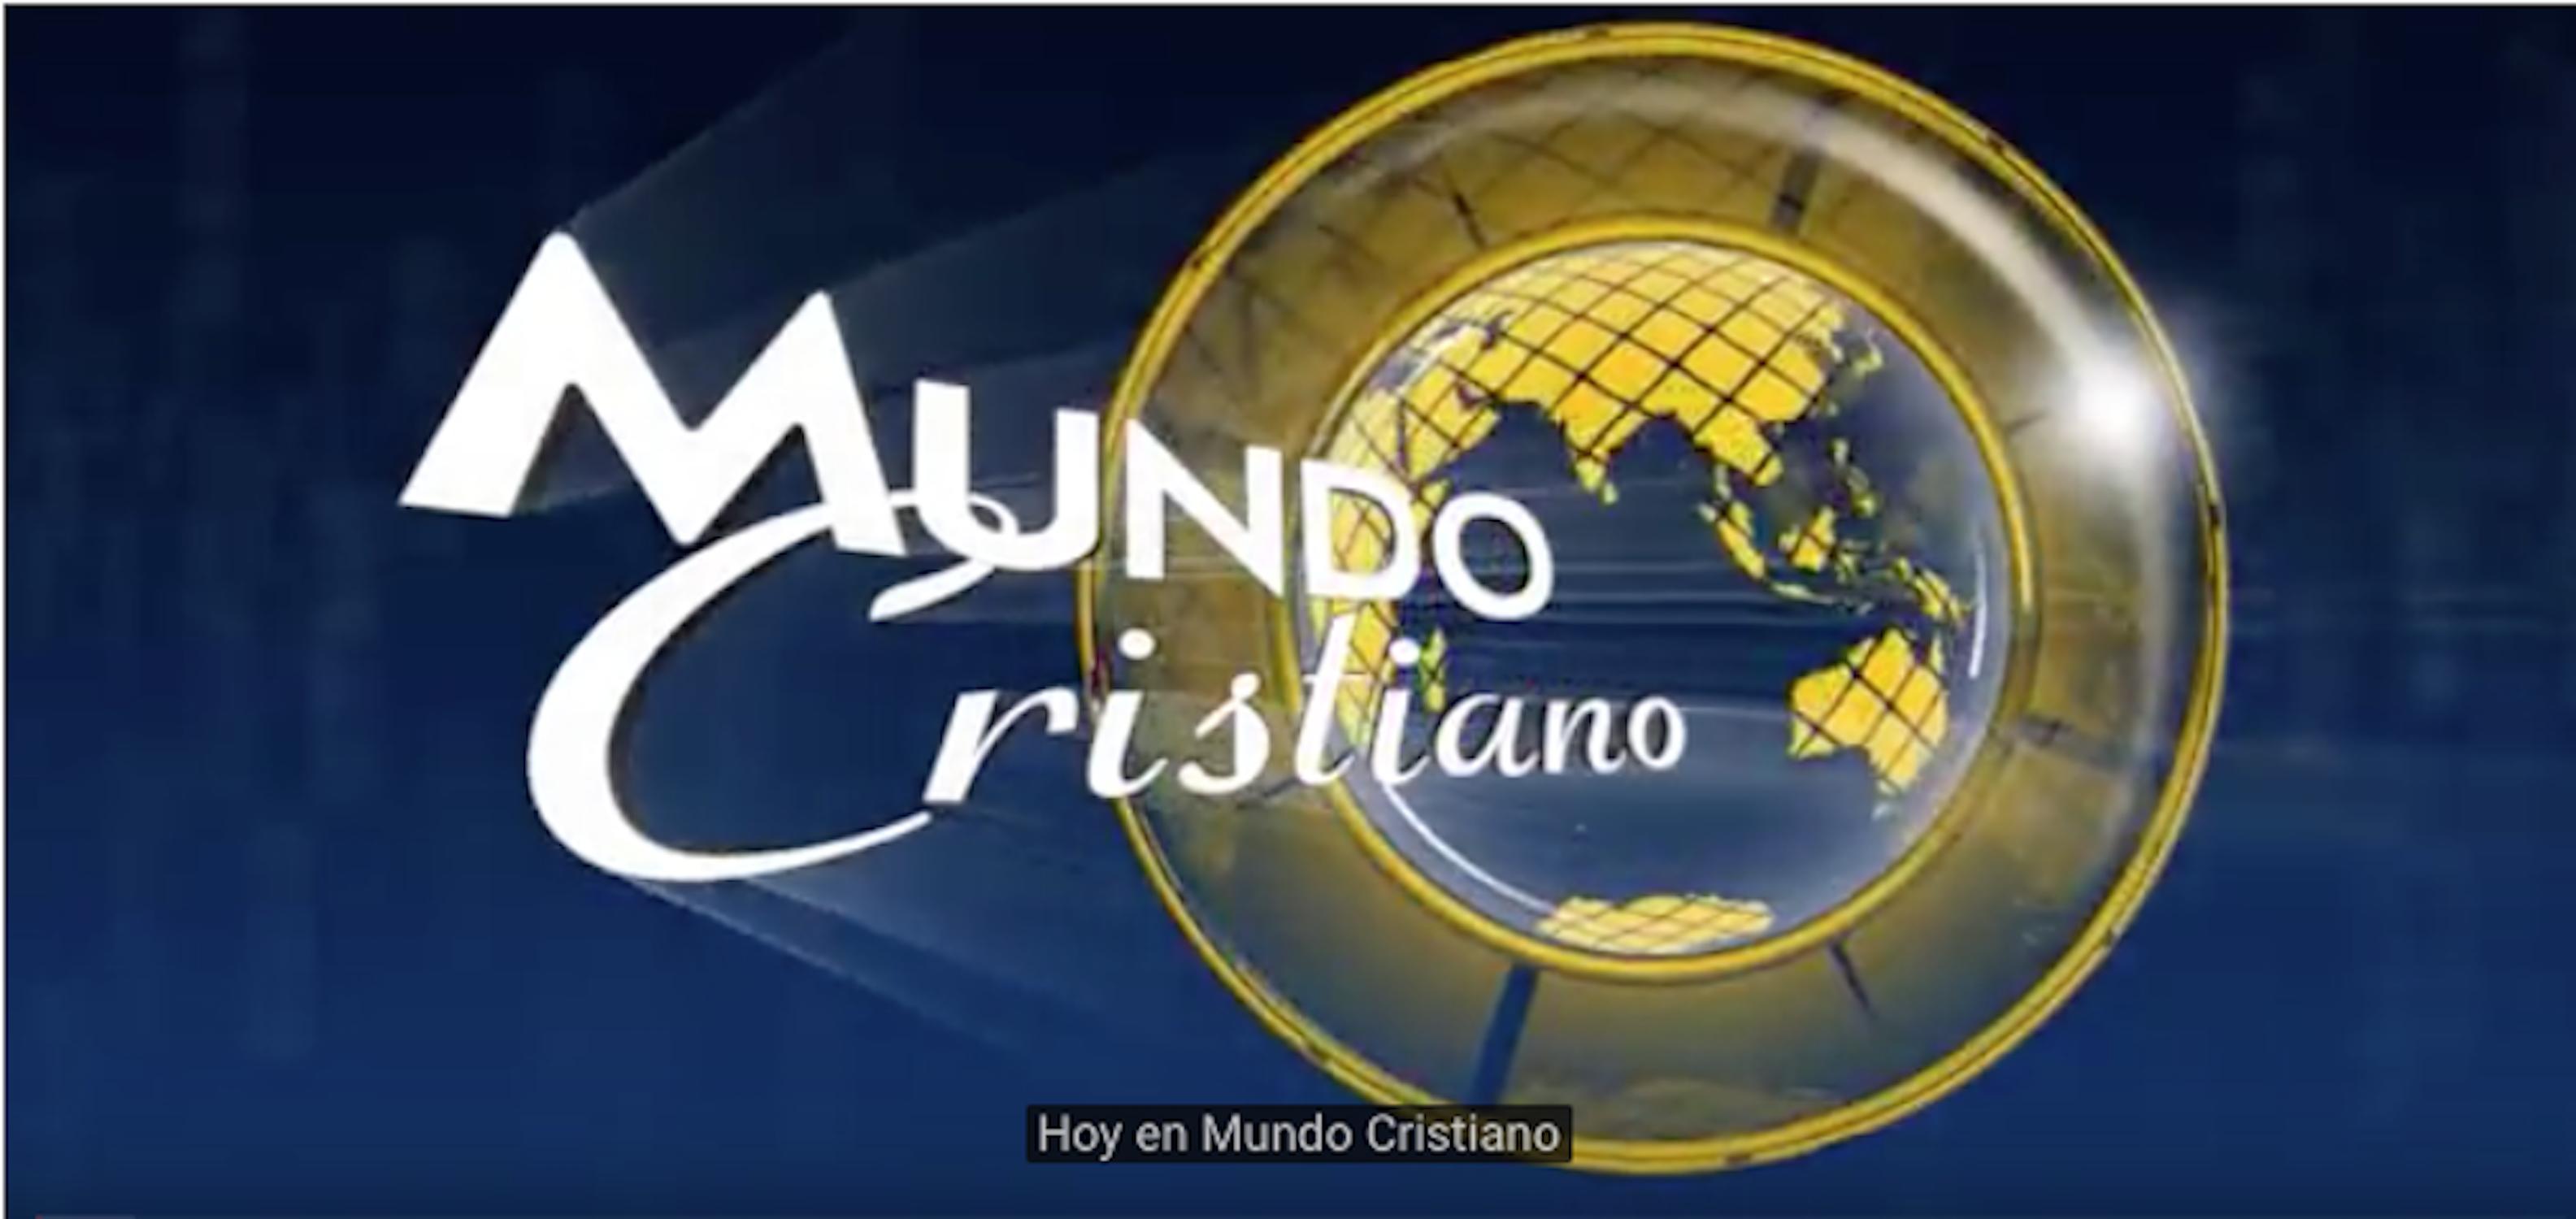 Noticiero Mundo Cristiano